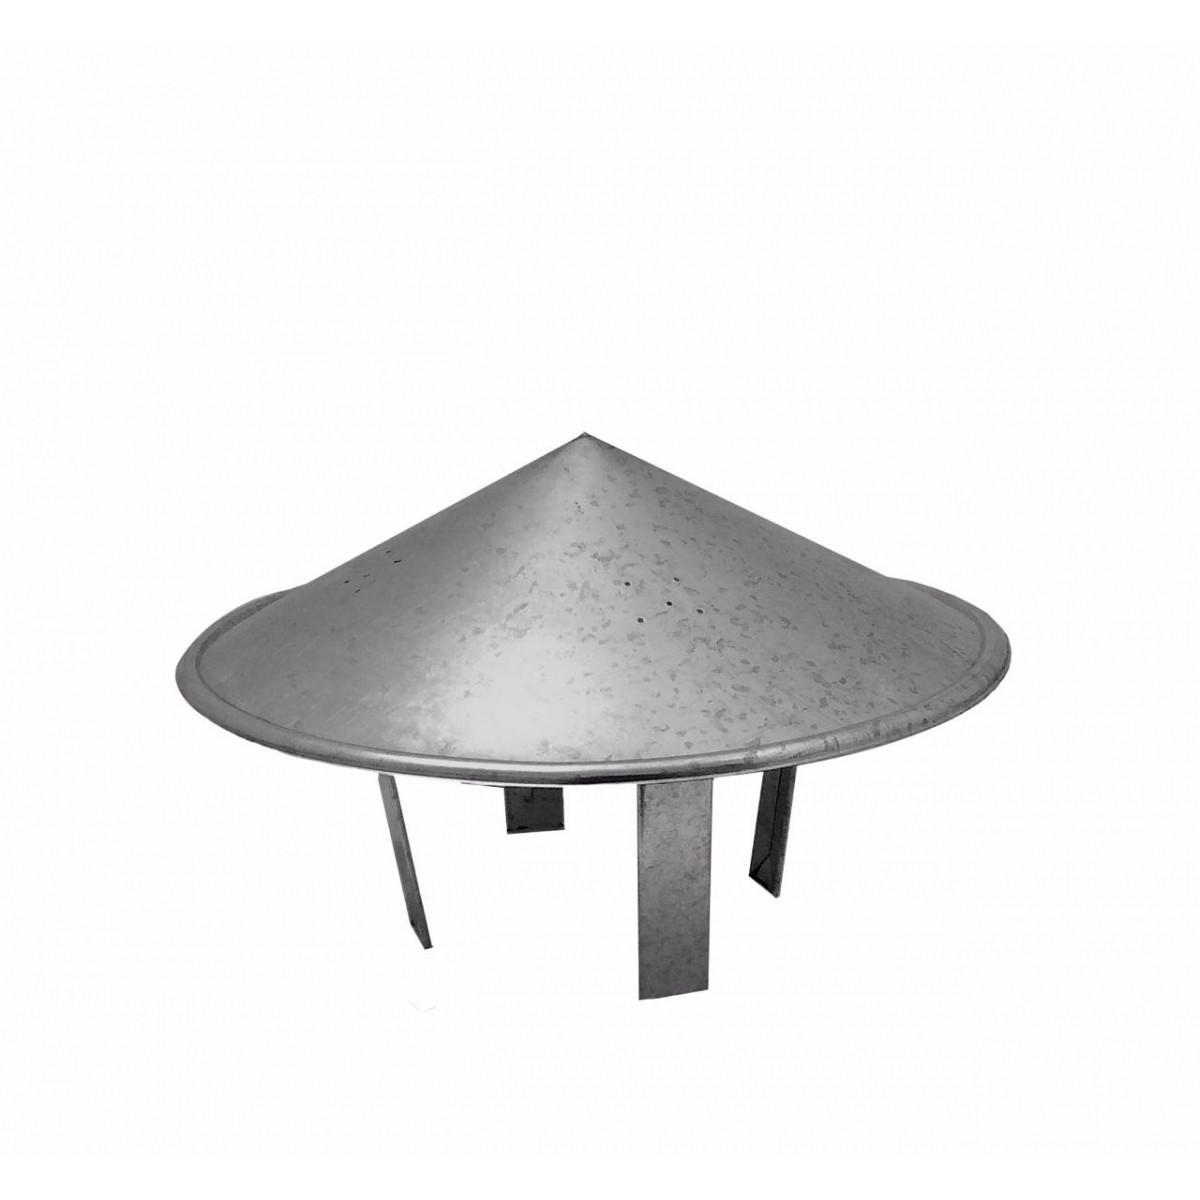 Chapéu chinês galvanizado para dutos de 200 mm de diâmetro para topo de chaminé  - Galvocalhas